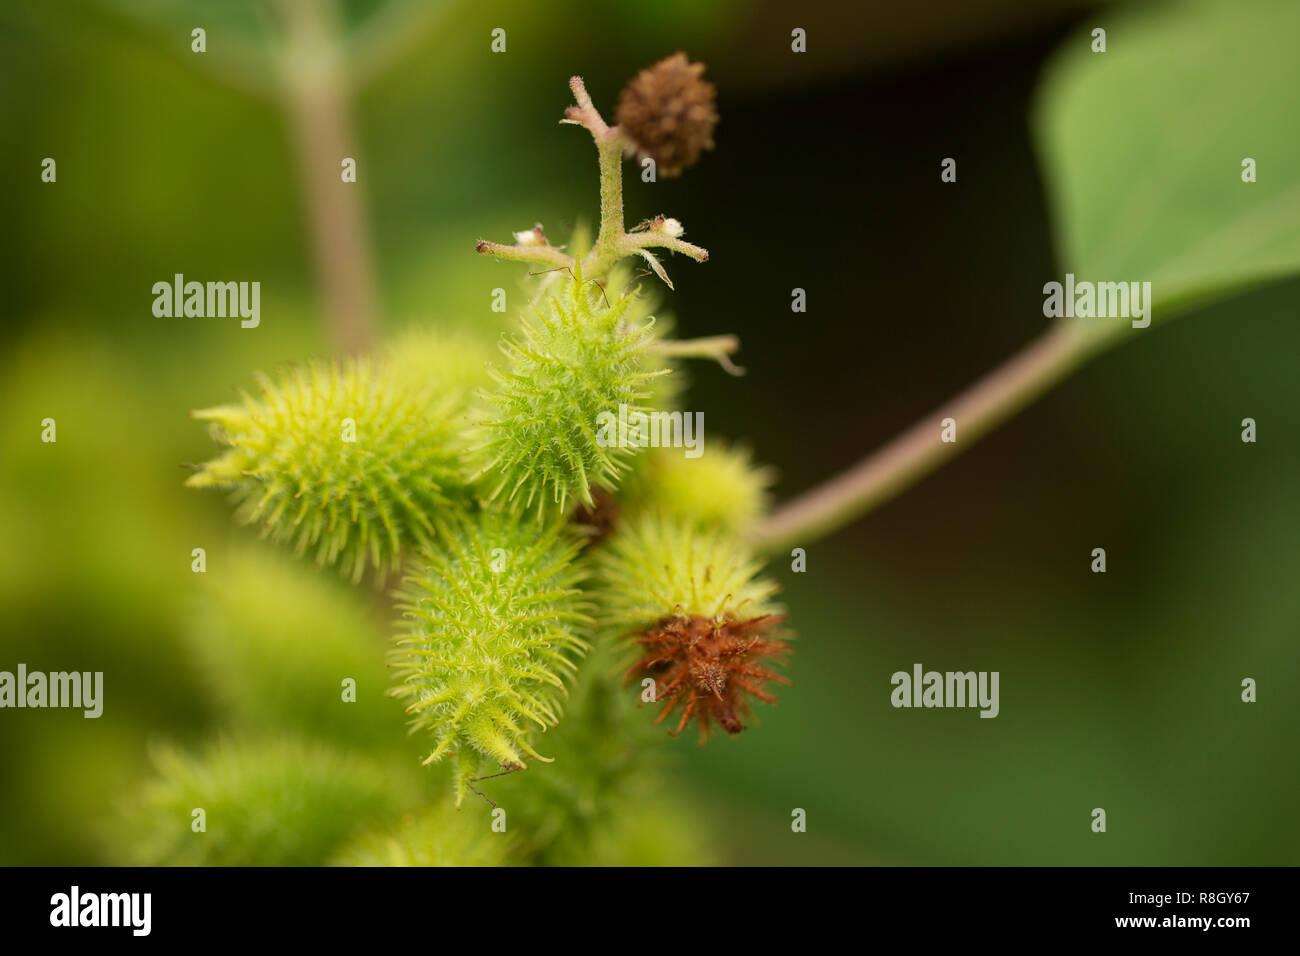 Rough cocklebur (Xanthium strumarium) growing in a garden